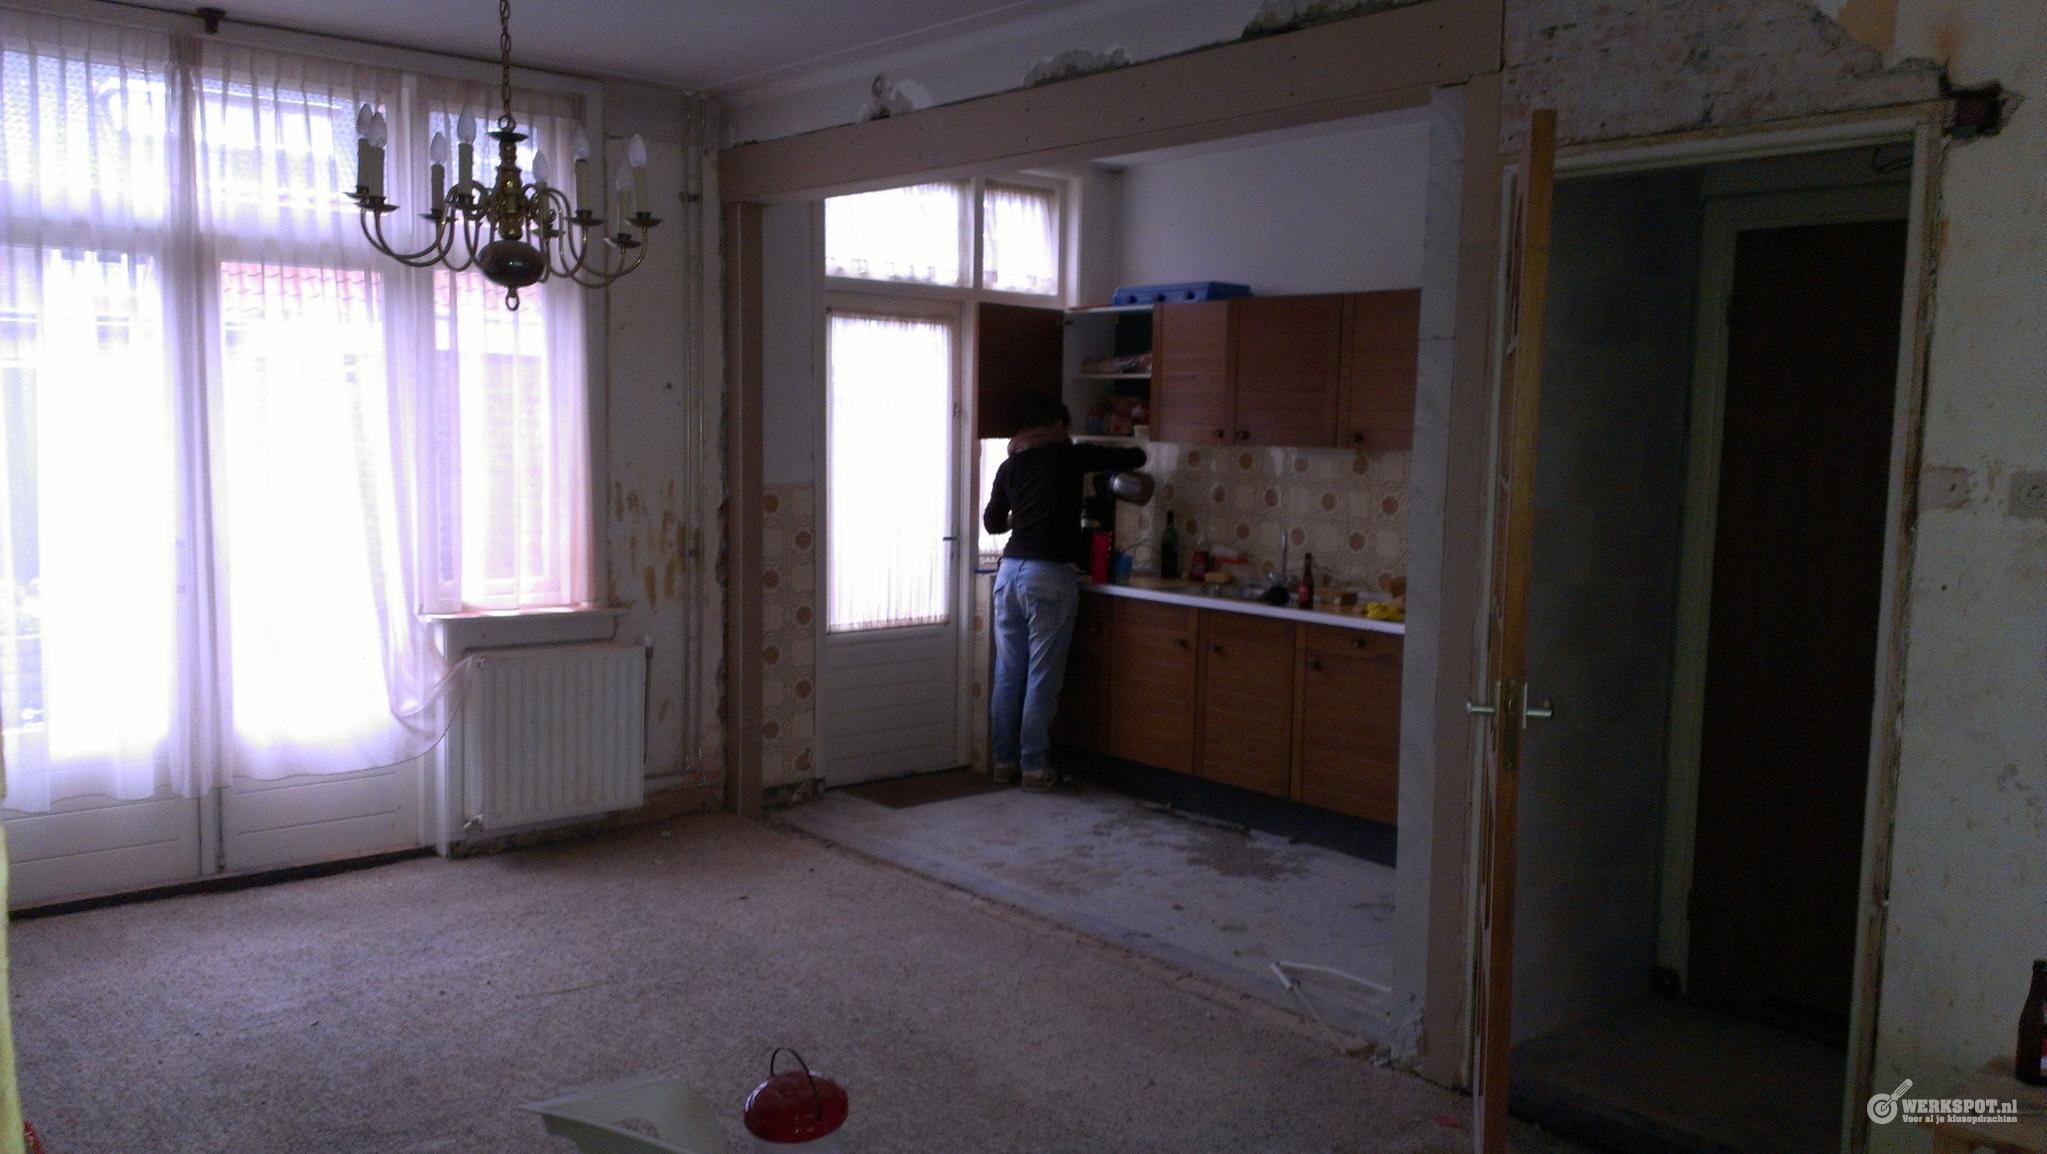 Constructieberekening draagmuur slopen en plaatsen draagconstructi werkspot - Kamer met balken ...